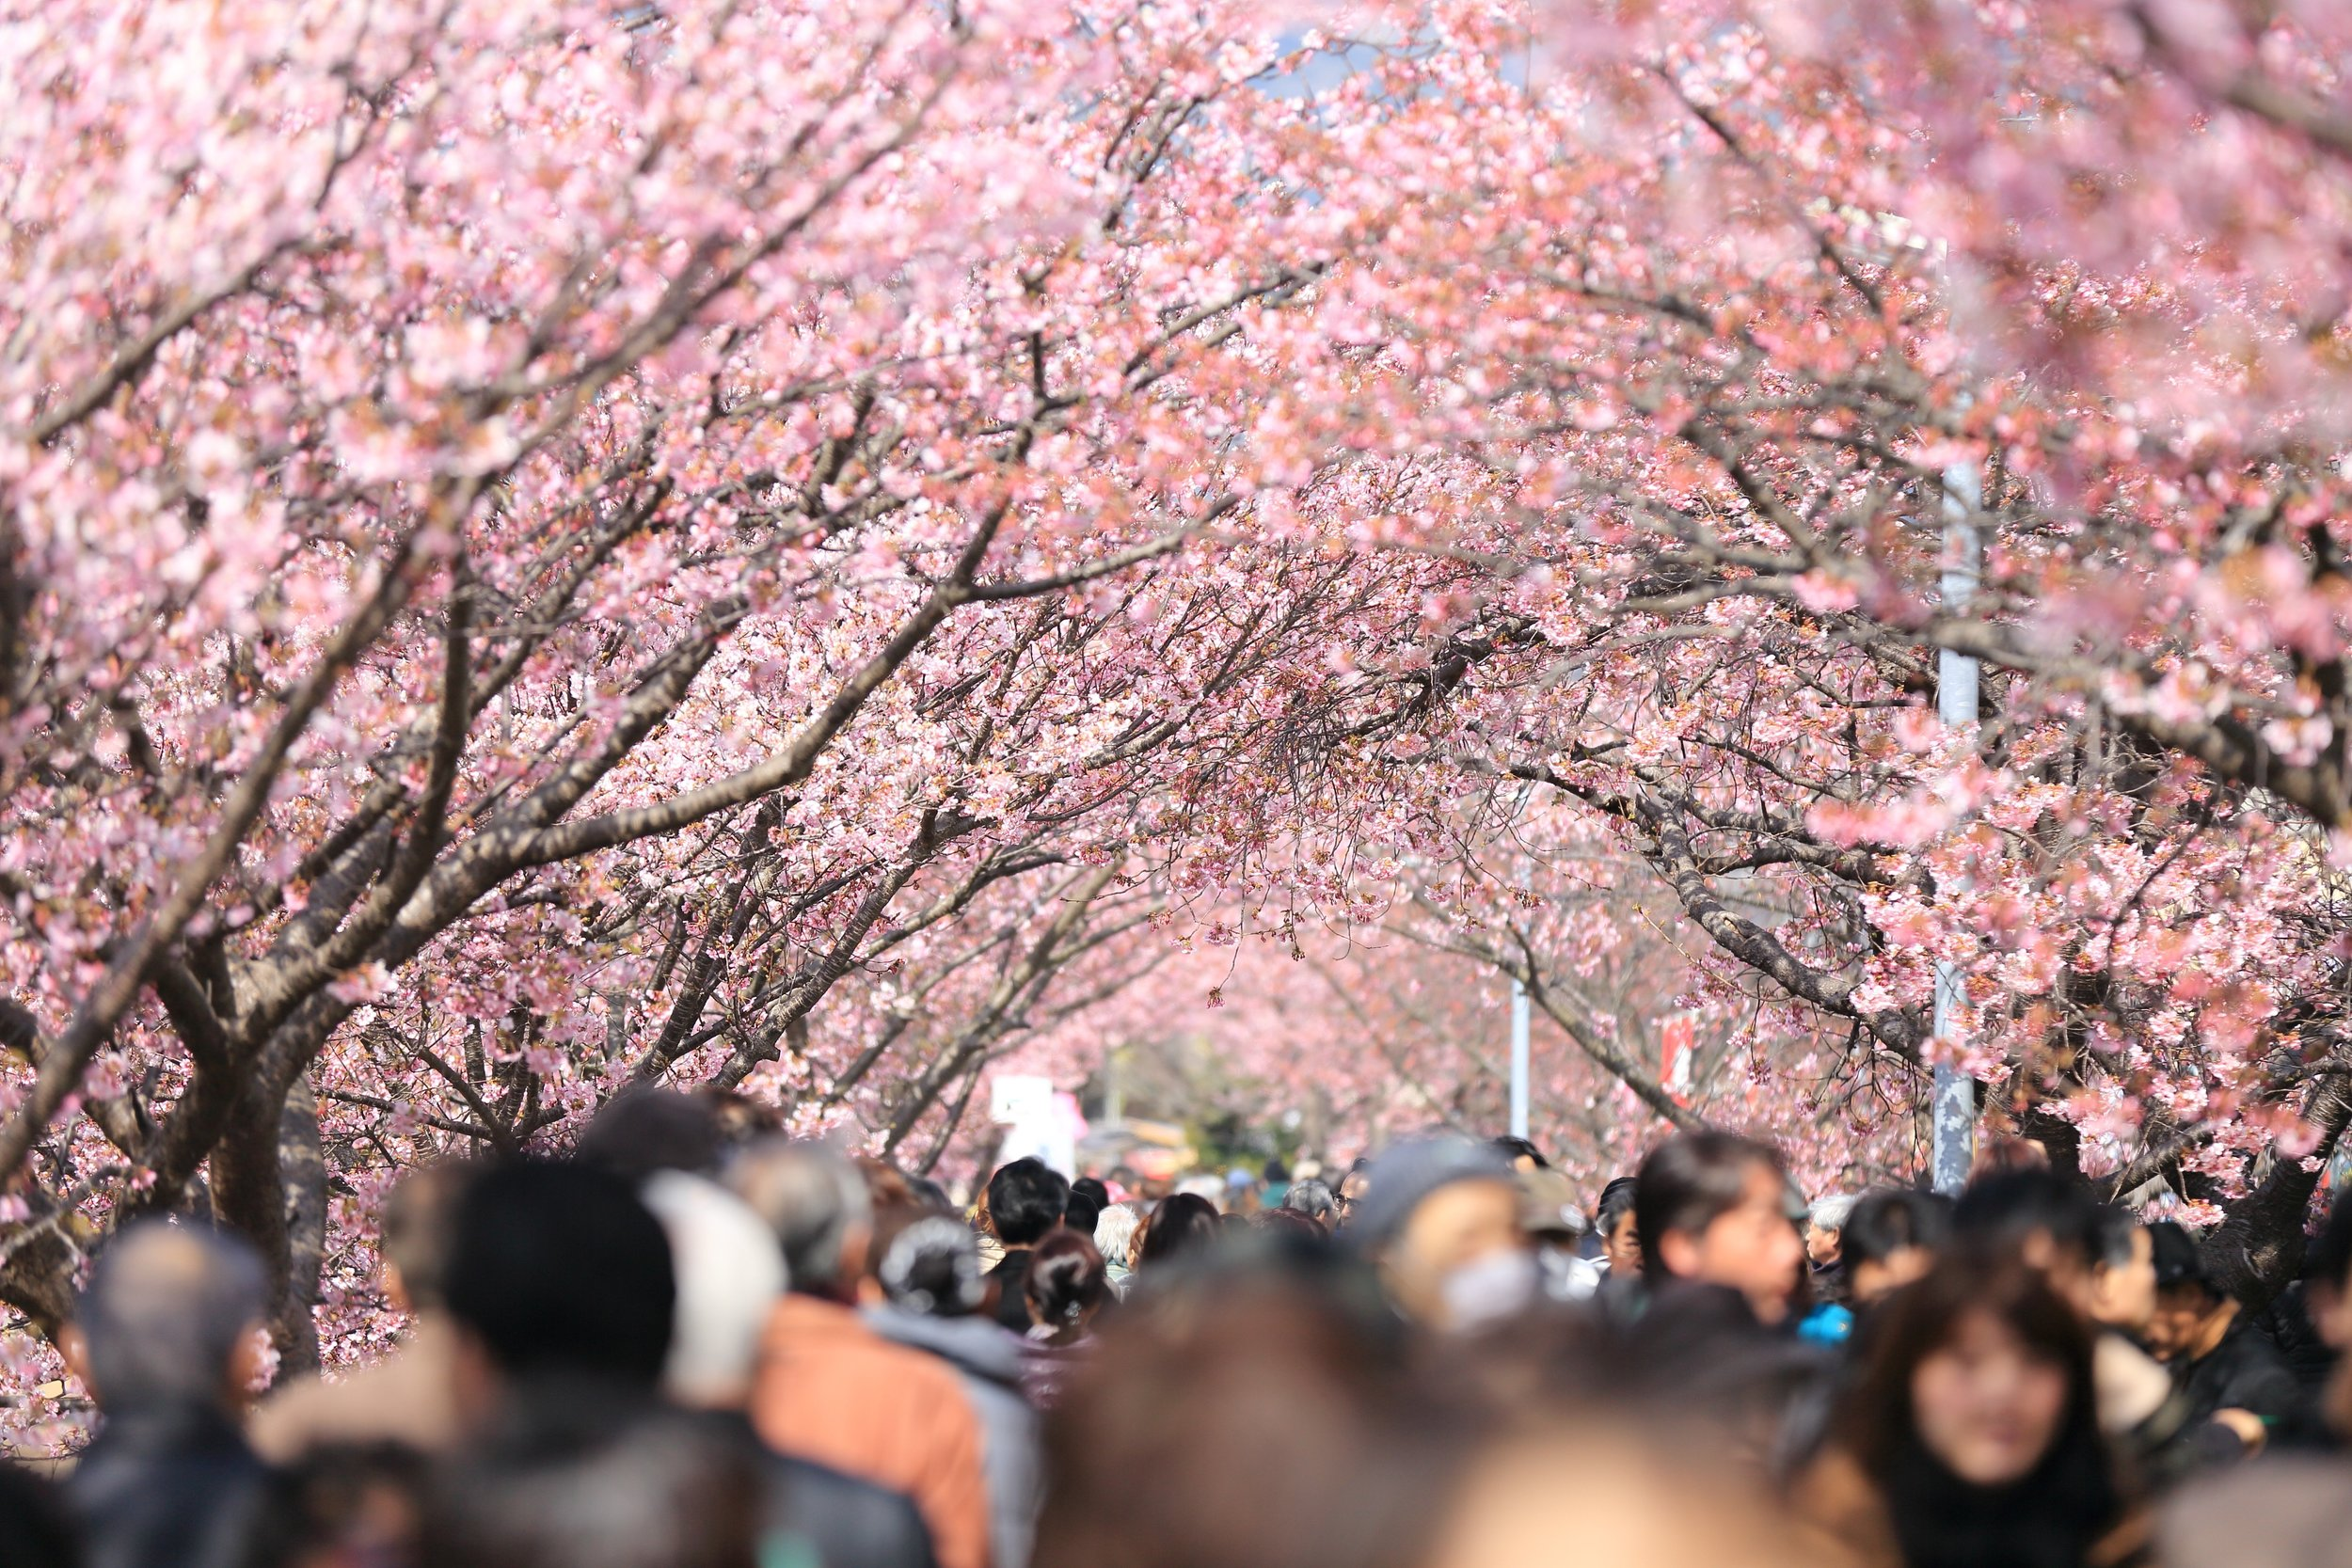 Pedestrians walking under Cherry Blossom trees. Photo by  kazuend  on  Unsplash .